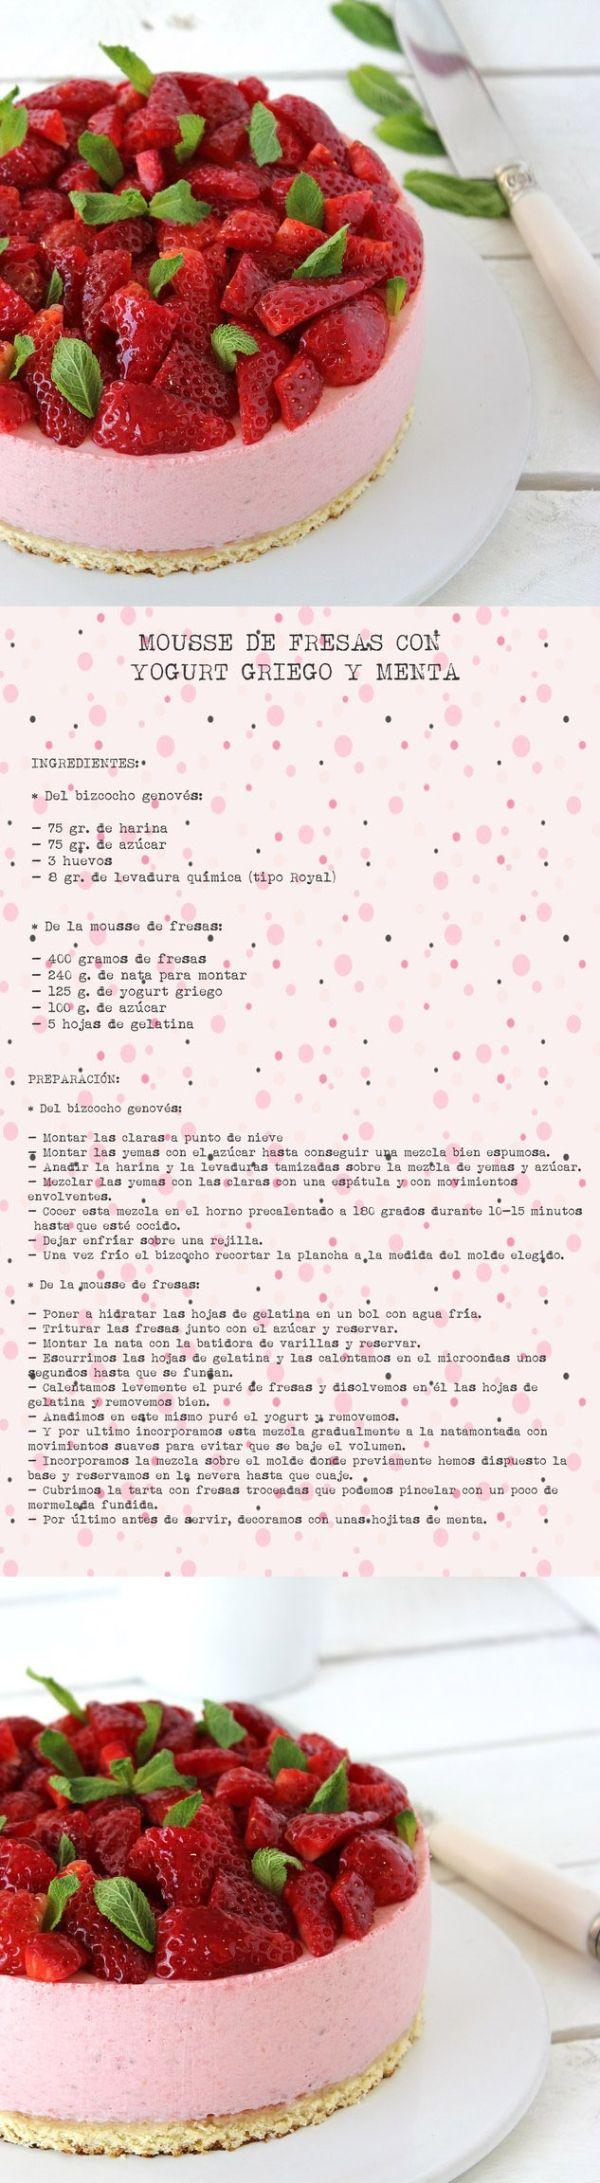 Mousse de fresas con yogur griego y menta | Pecados de Reposteria by arioco